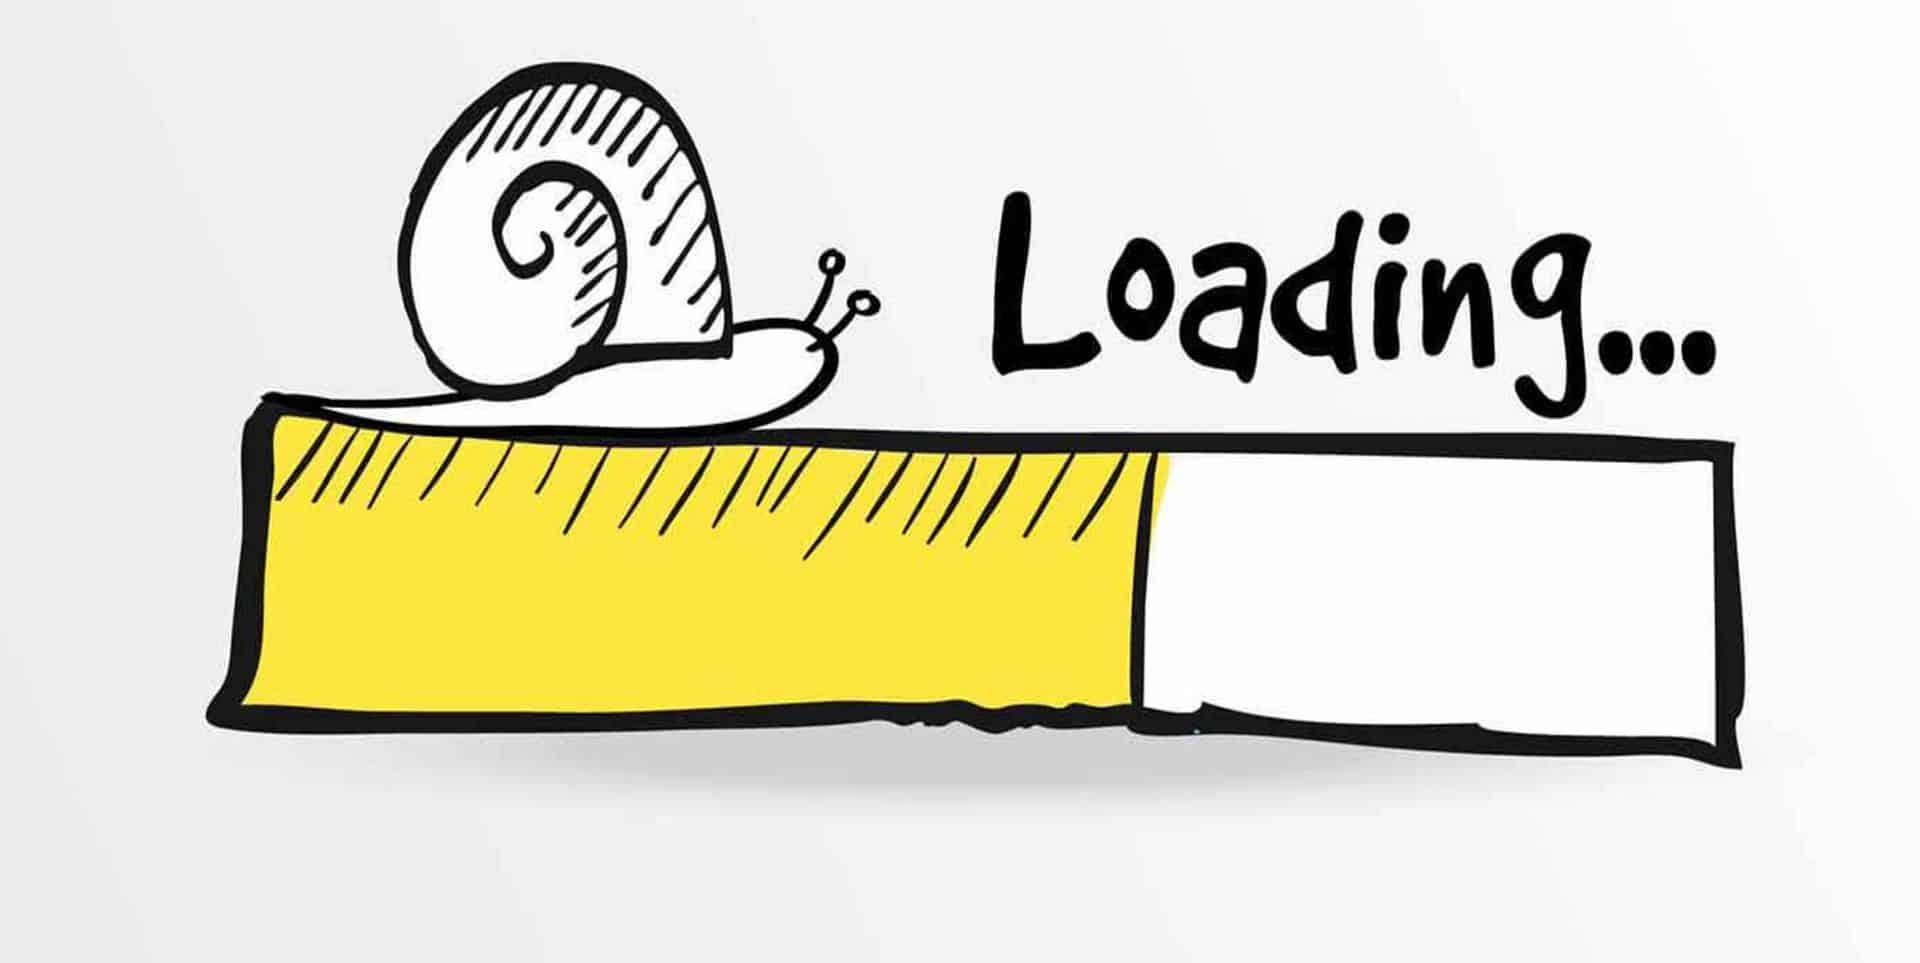 TECHGYO_Managing work on slow internet